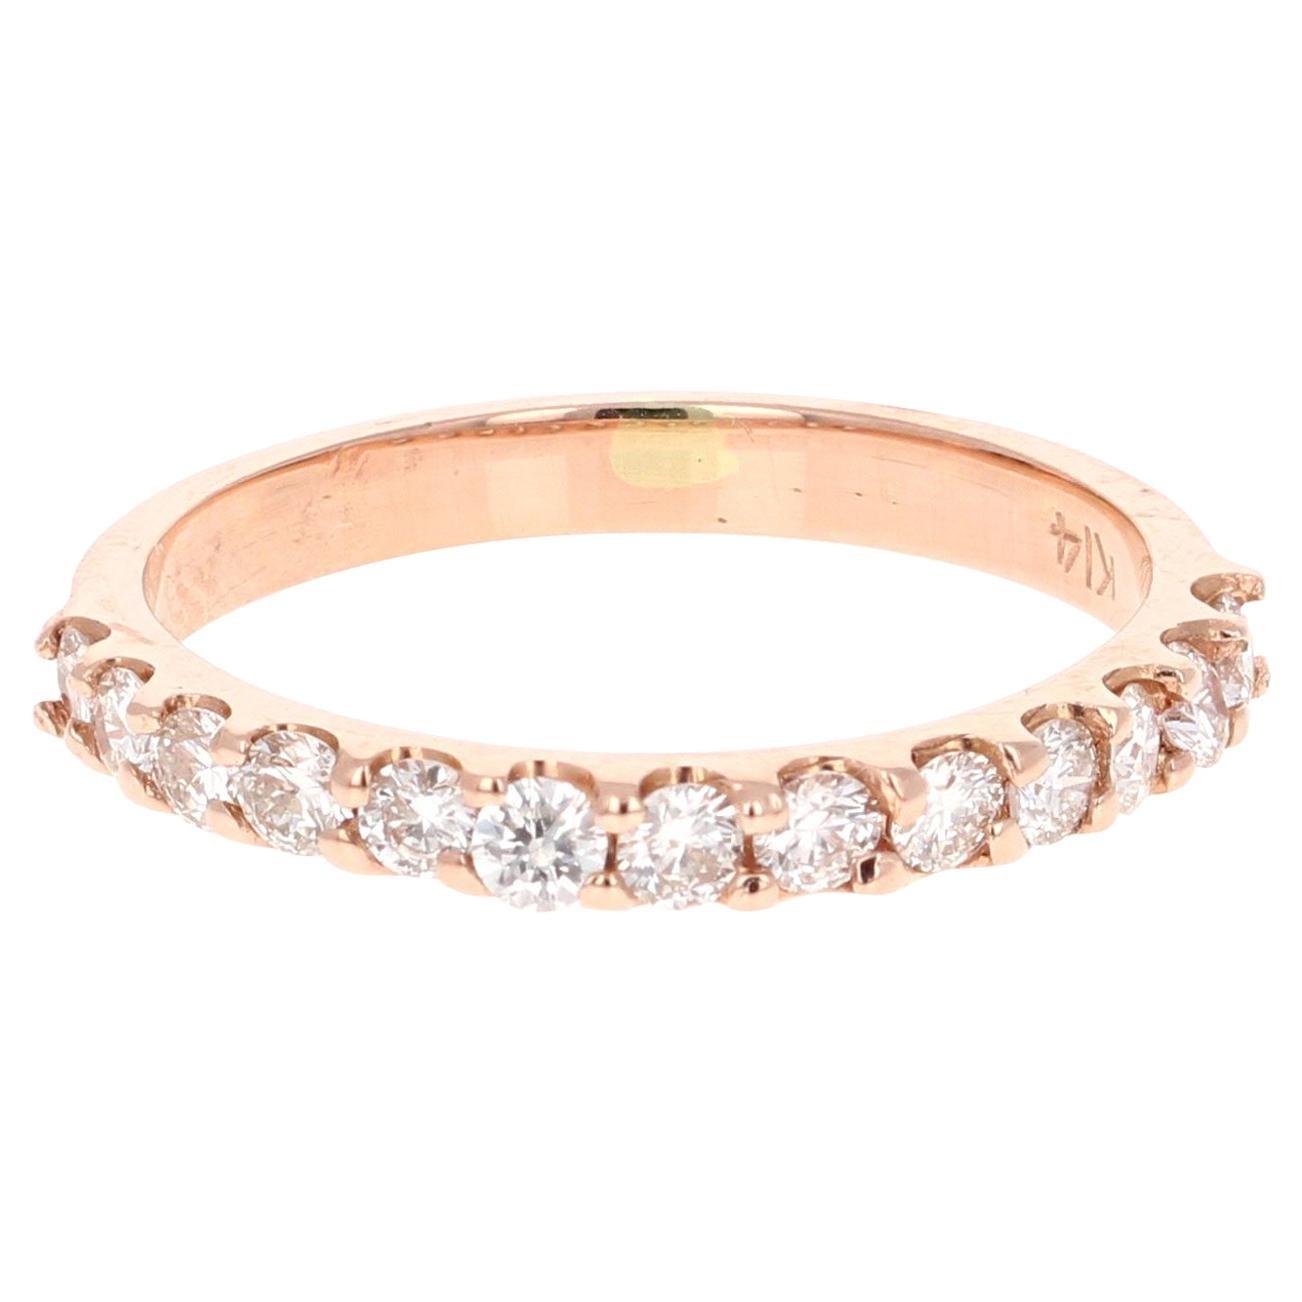 0.51 Carat Round Cut Diamond Band 14 Karat Rose Gold